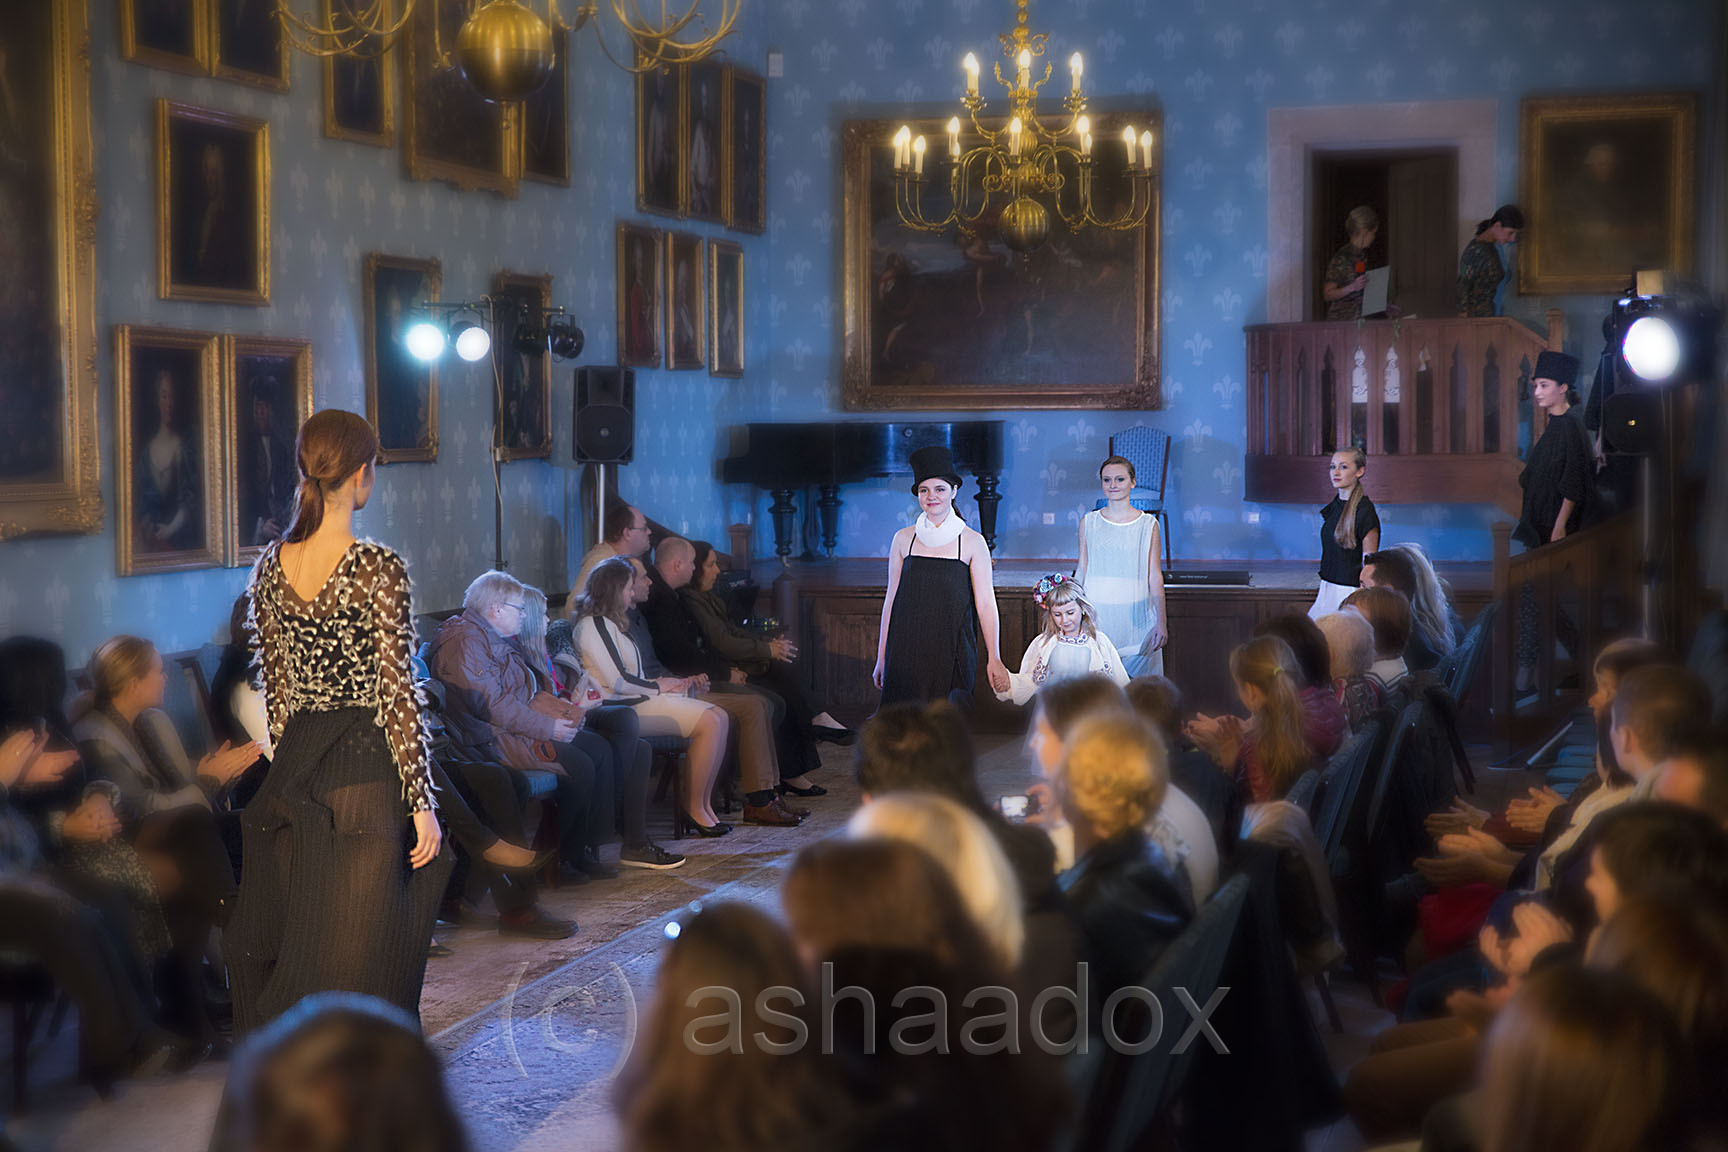 ashaadox 2015 Sychrov